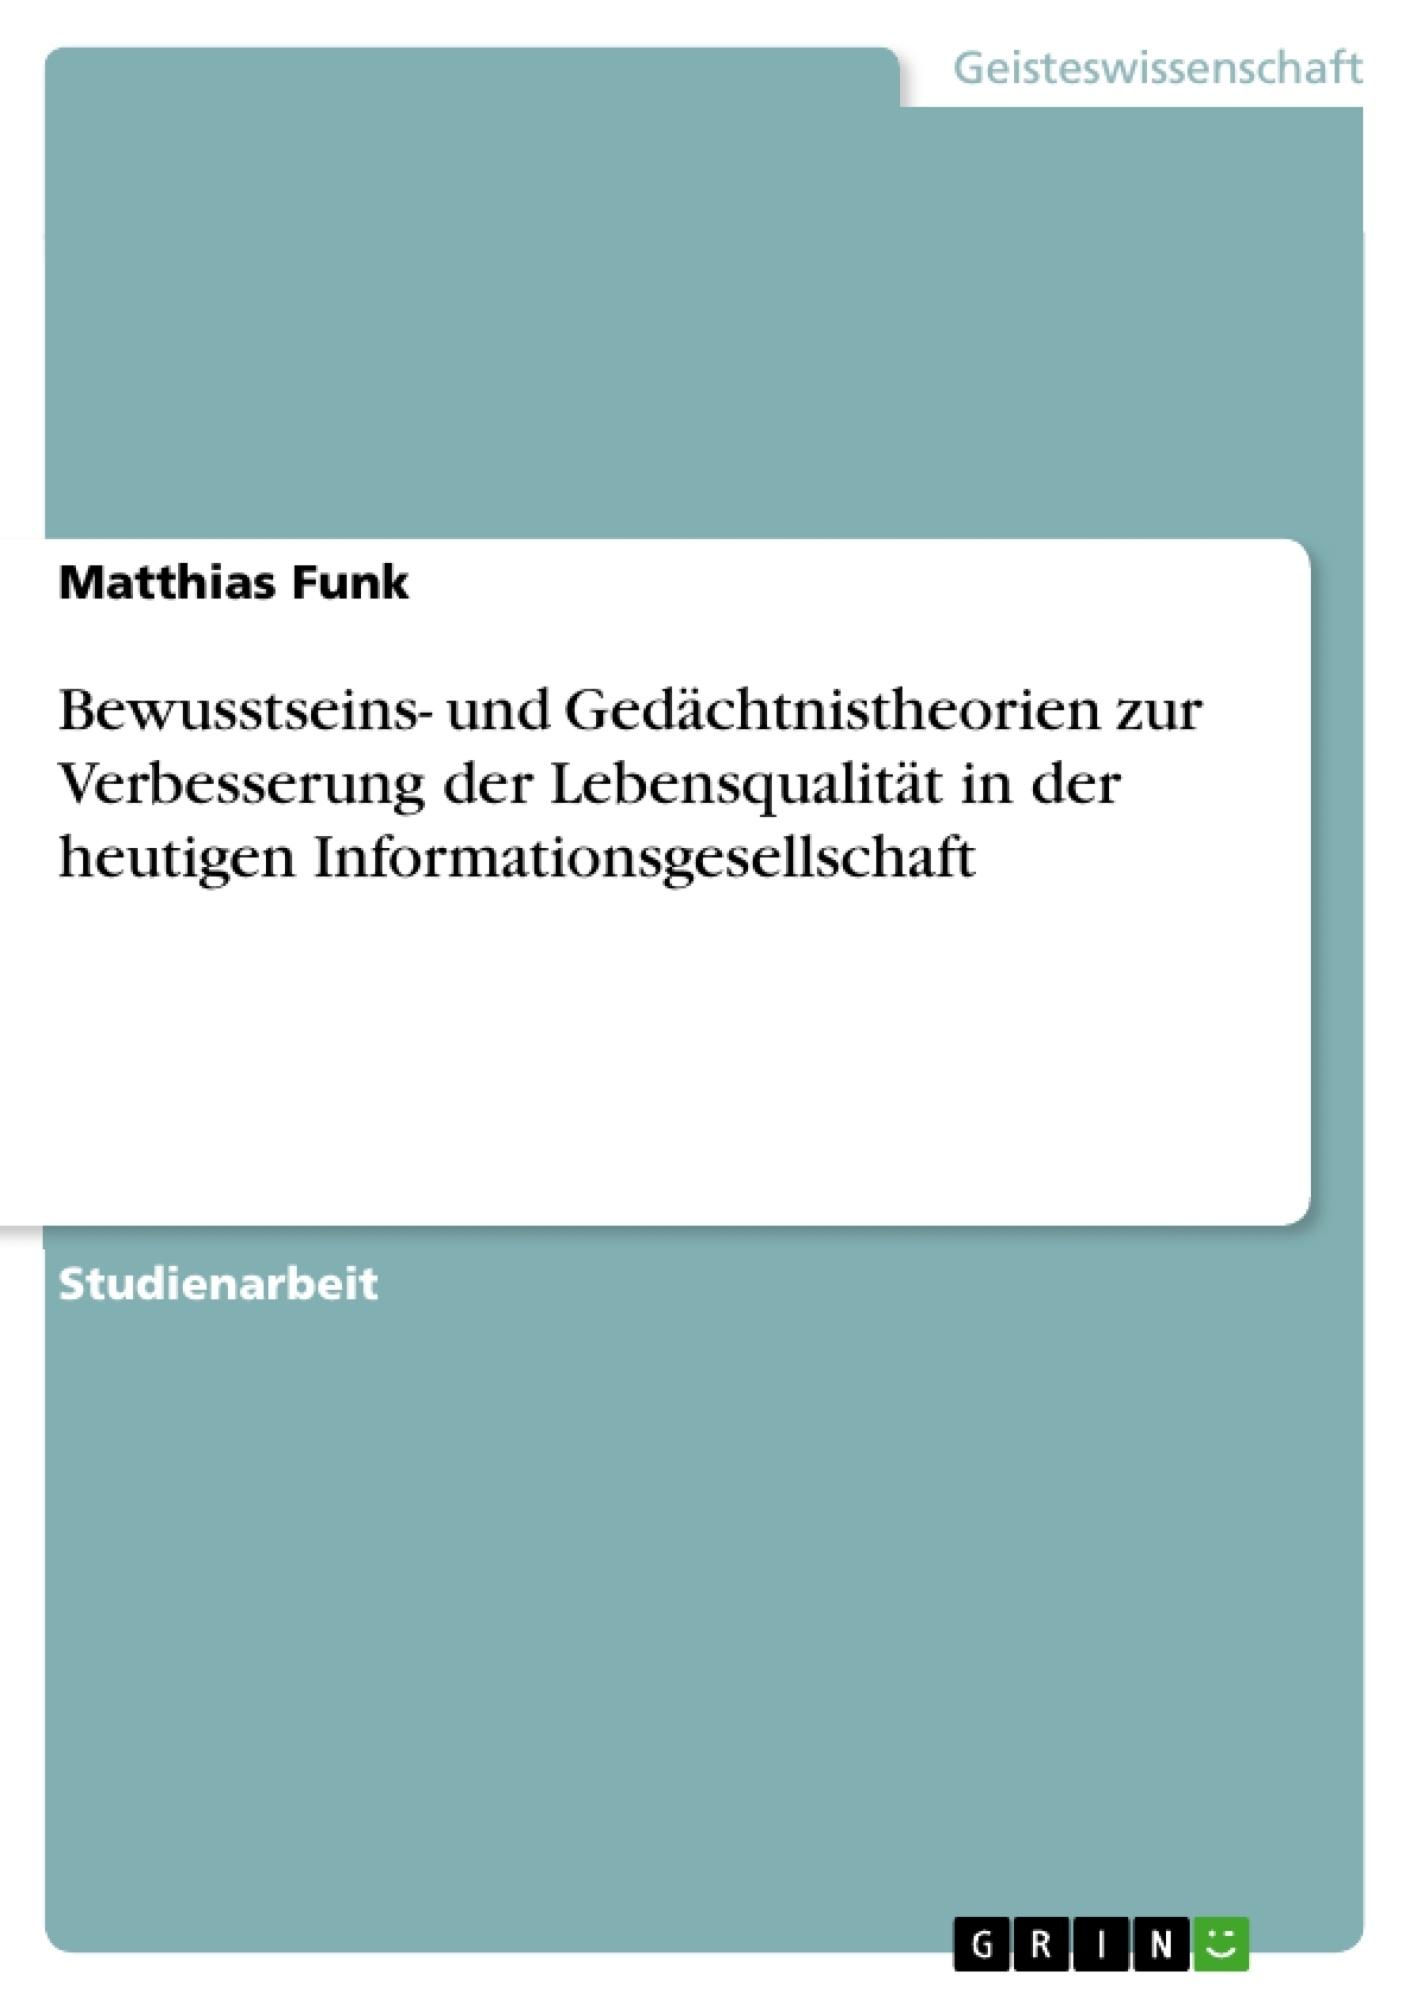 Titel: Bewusstseins- und Gedächtnistheorien zur Verbesserung der Lebensqualität in der heutigen Informationsgesellschaft